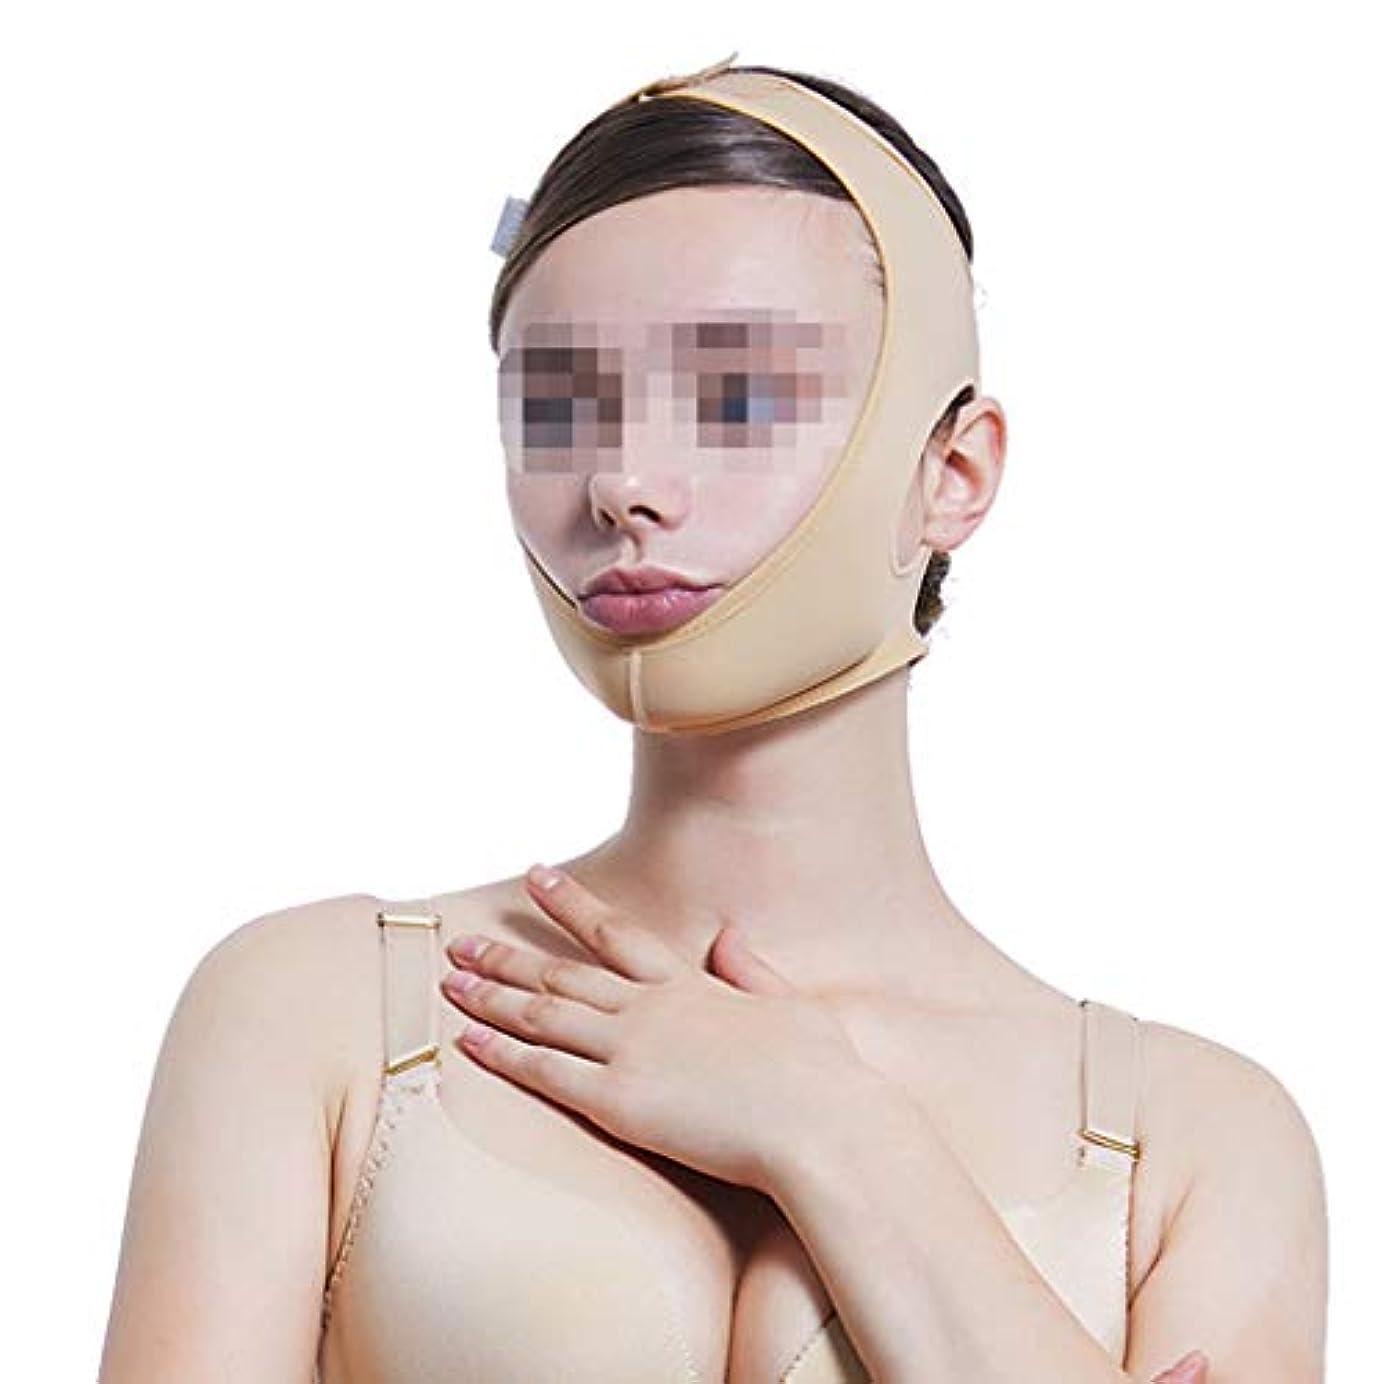 赤道ファンネルウェブスパイダー大西洋XHLMRMJ ビームフェイス弾性ヘッドギア、二重あごの顎セットにマスクの後に線彫り薄いフェイス包帯マルチサイズオプション (Size : XXL)